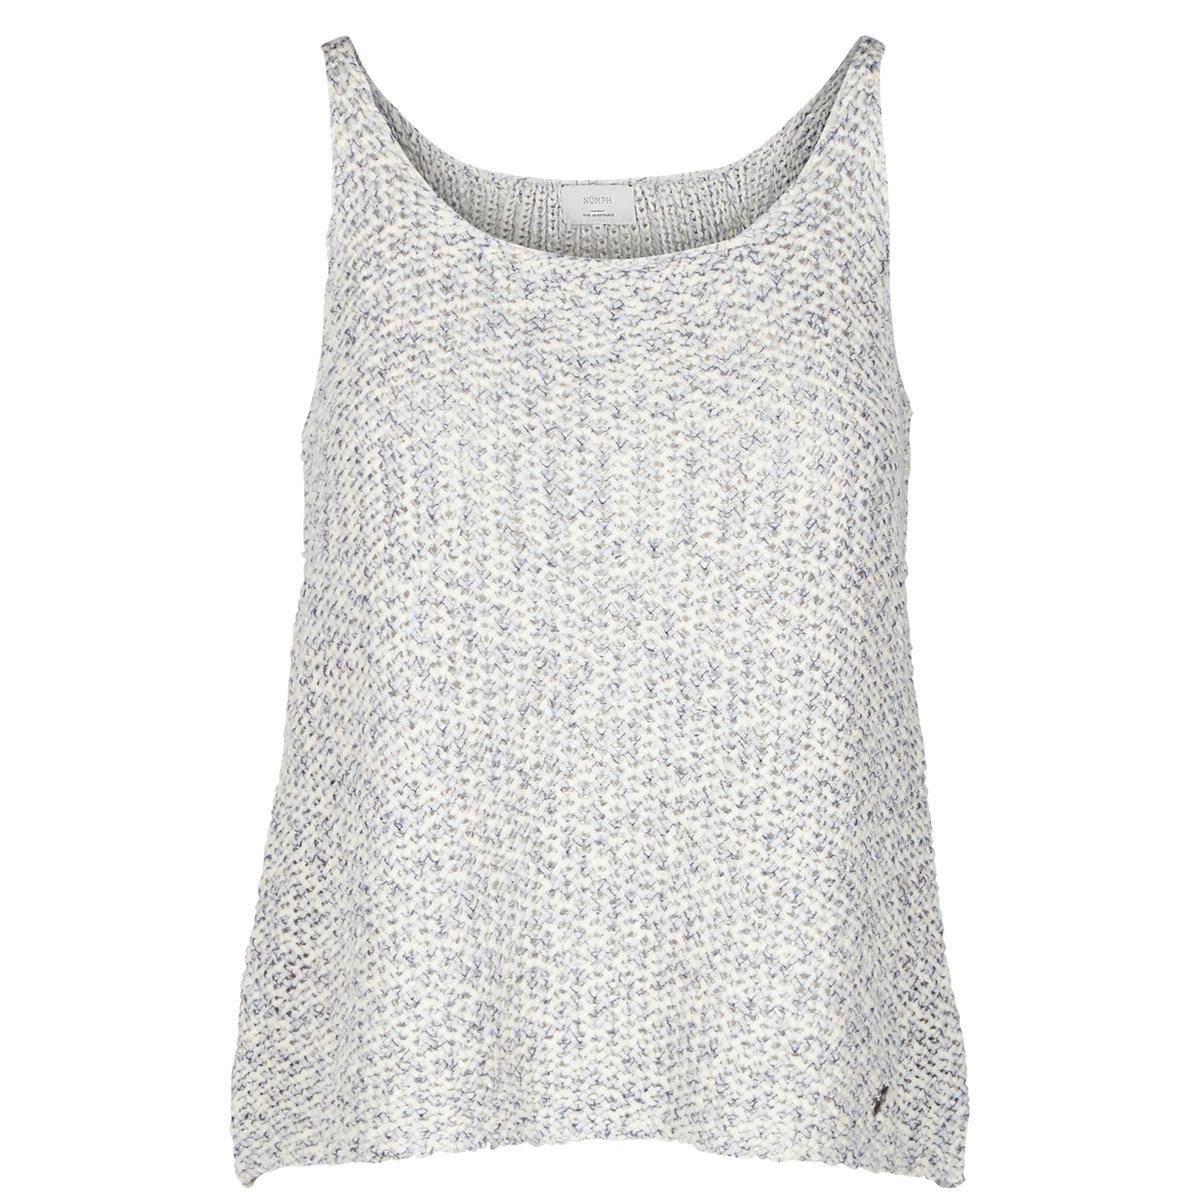 Пуловер без рукавовМатериал : 74% хлопка, 26% полиэстераДлина рукава : без рукавов Форма воротника : V-образный вырез Покрой пуловера : СтандартныйРисунок : Однотонная модель<br><br>Цвет: небесно-голубой<br>Размер: XS.XL.L